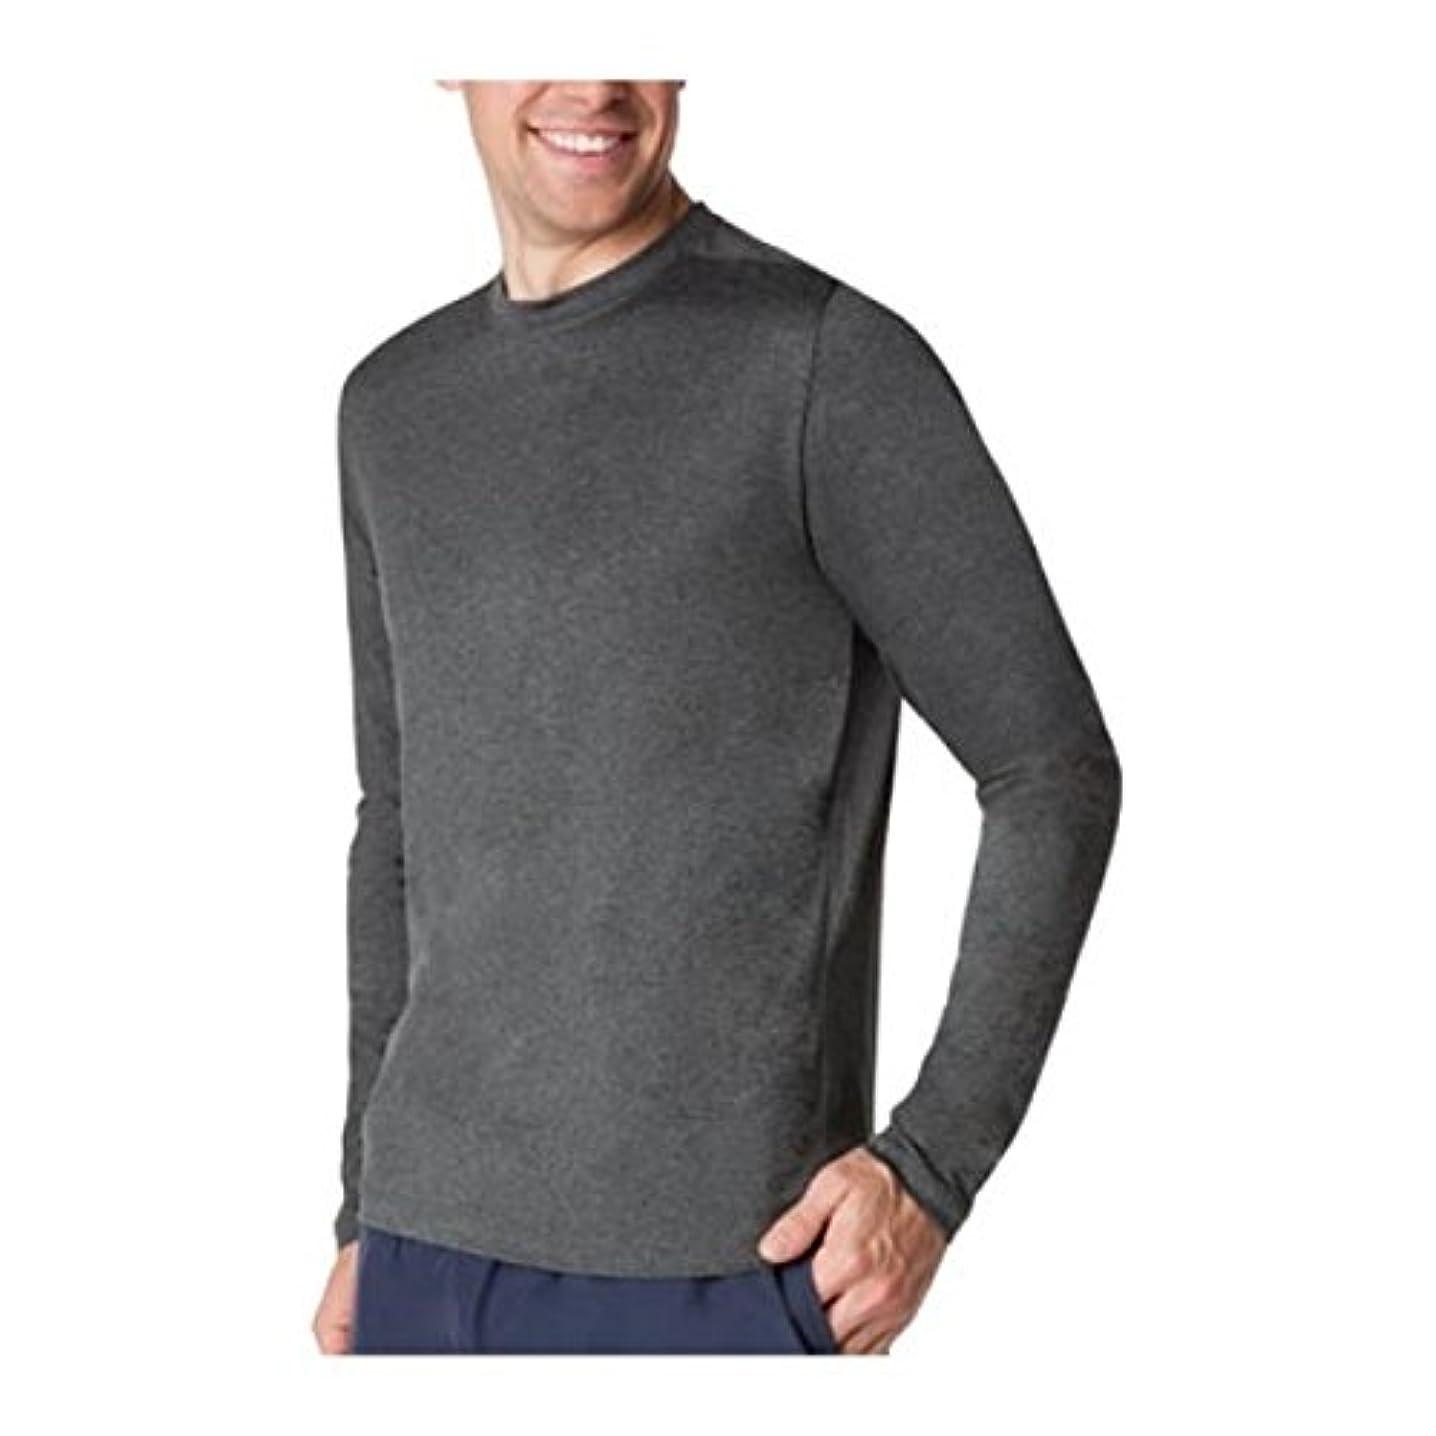 同情的しがみつくスポーツマン(フィラ) Fila メンズ トップス シャツ Fundamental Heather Long Sleeve Shirt [並行輸入品]